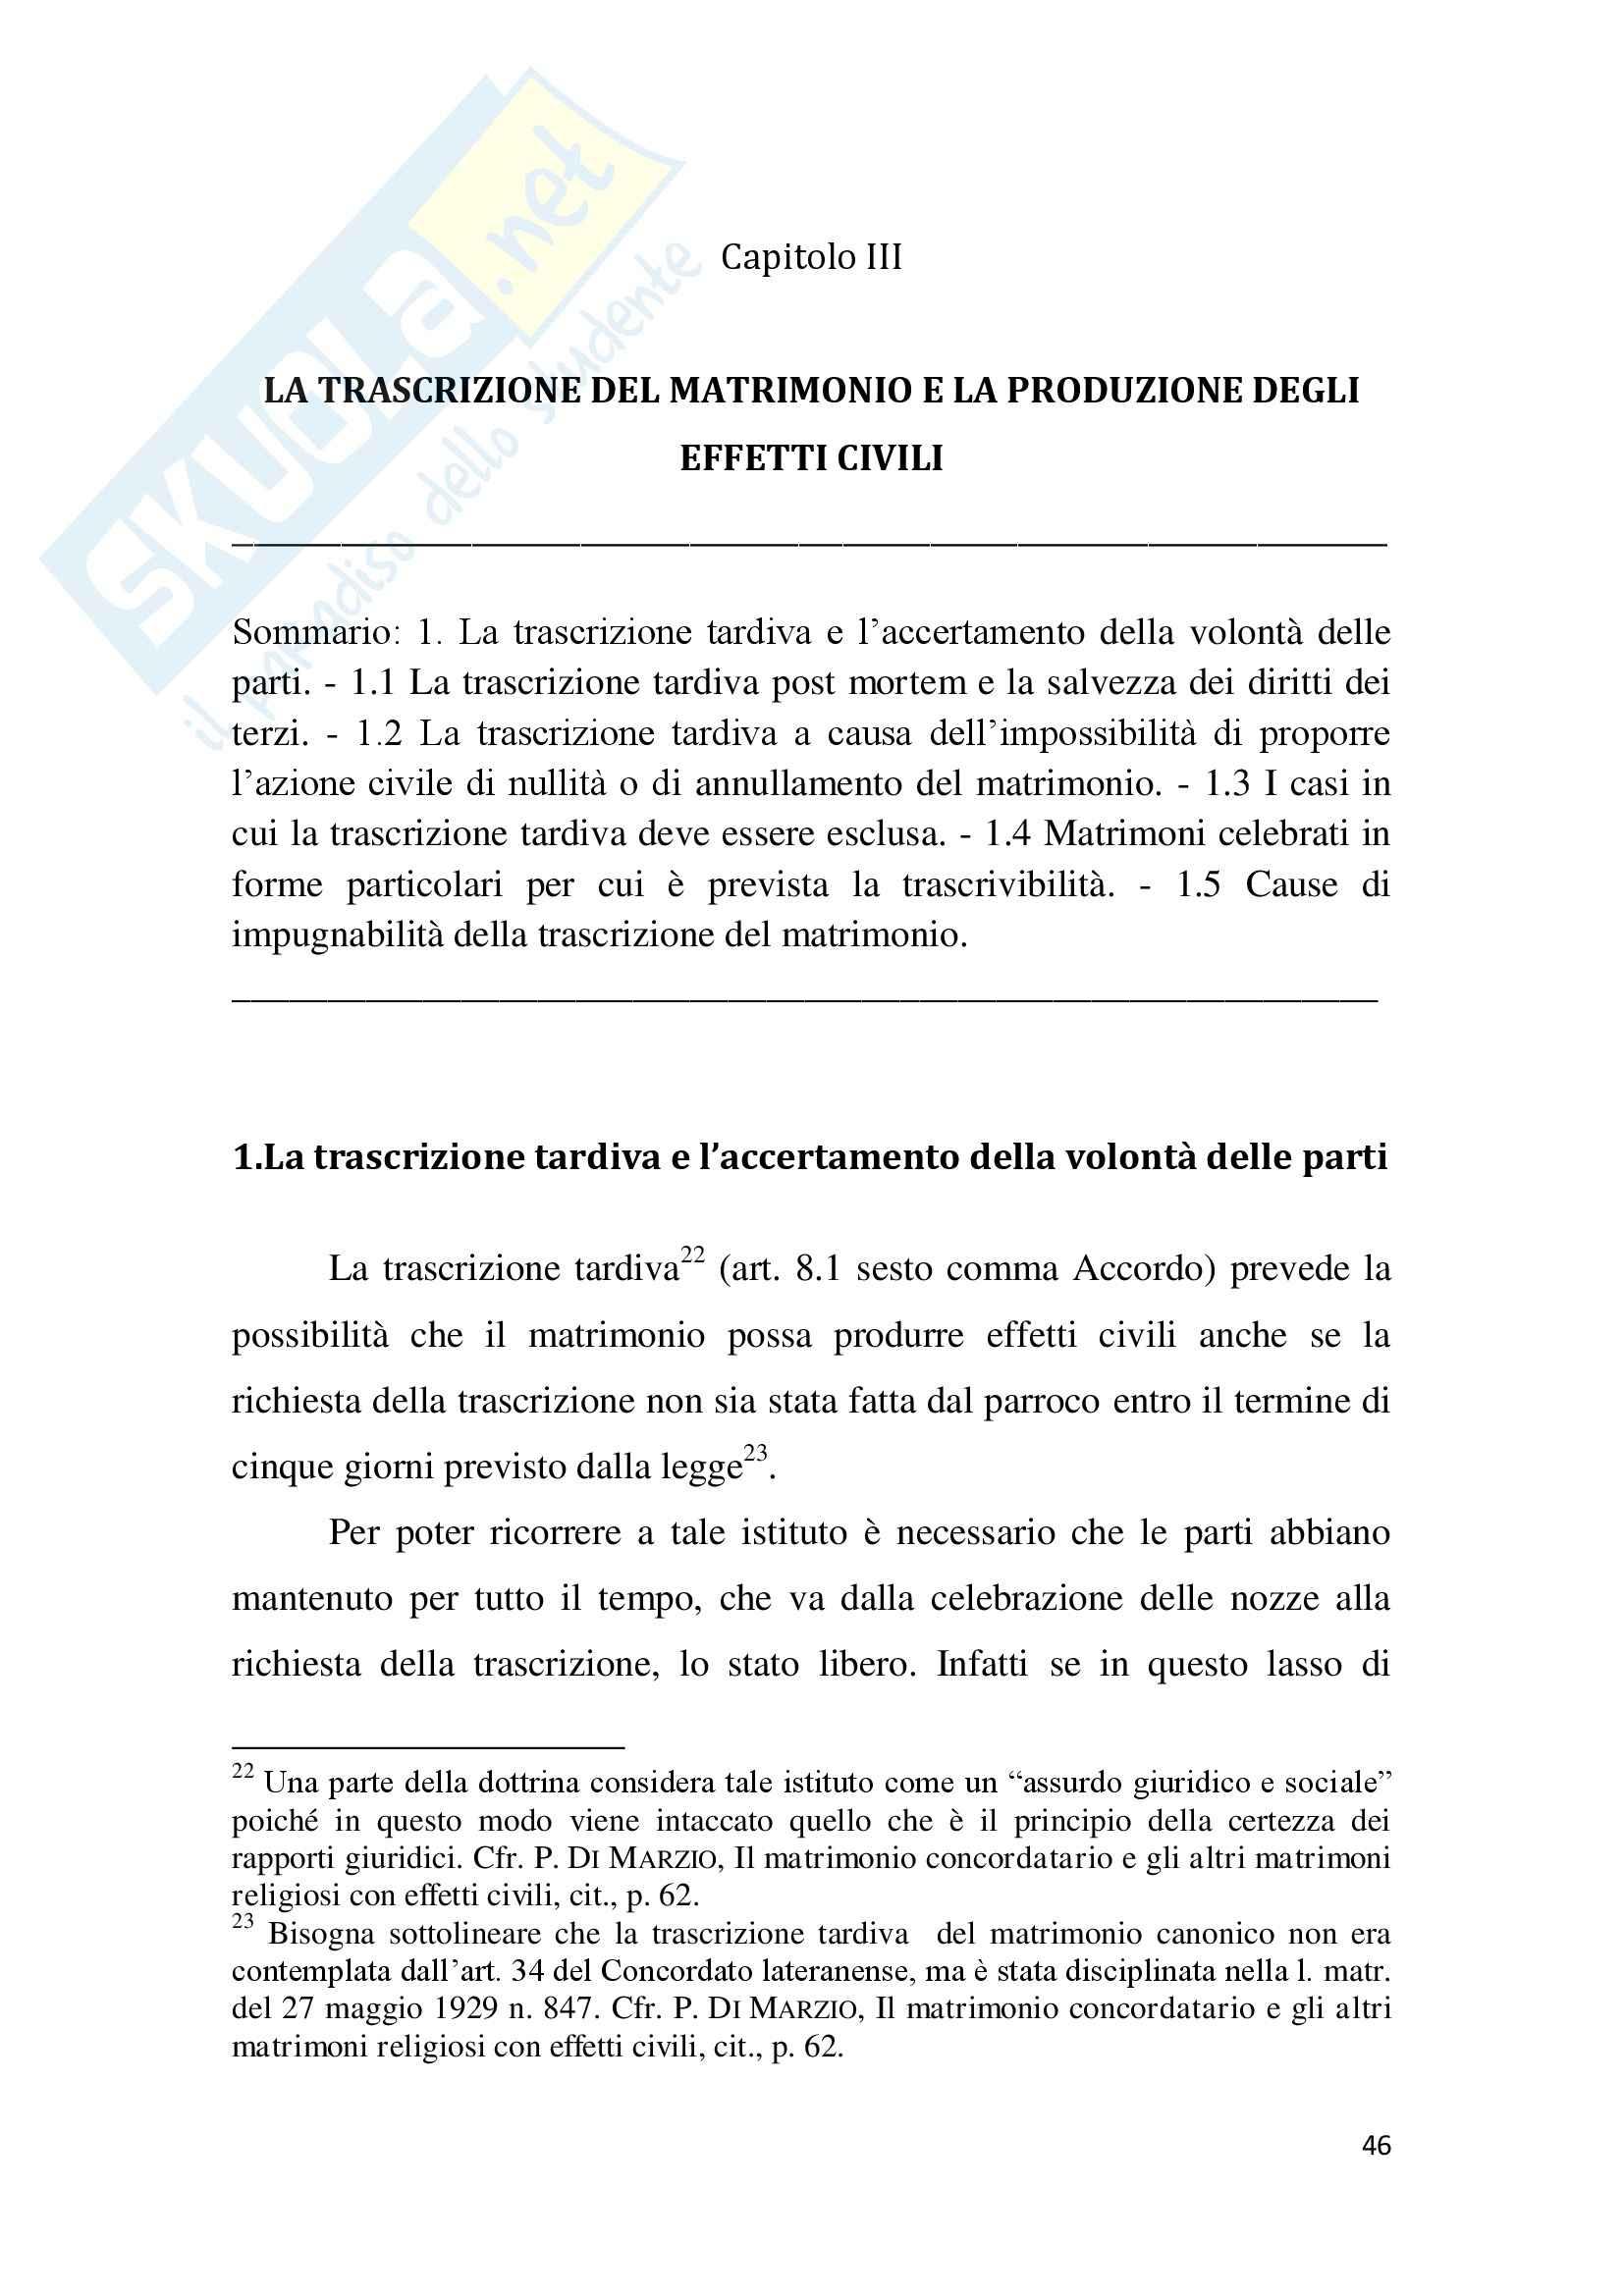 Tesi Diritto ecclesiastico - La trascrizione del matrimonio canonico Pag. 46